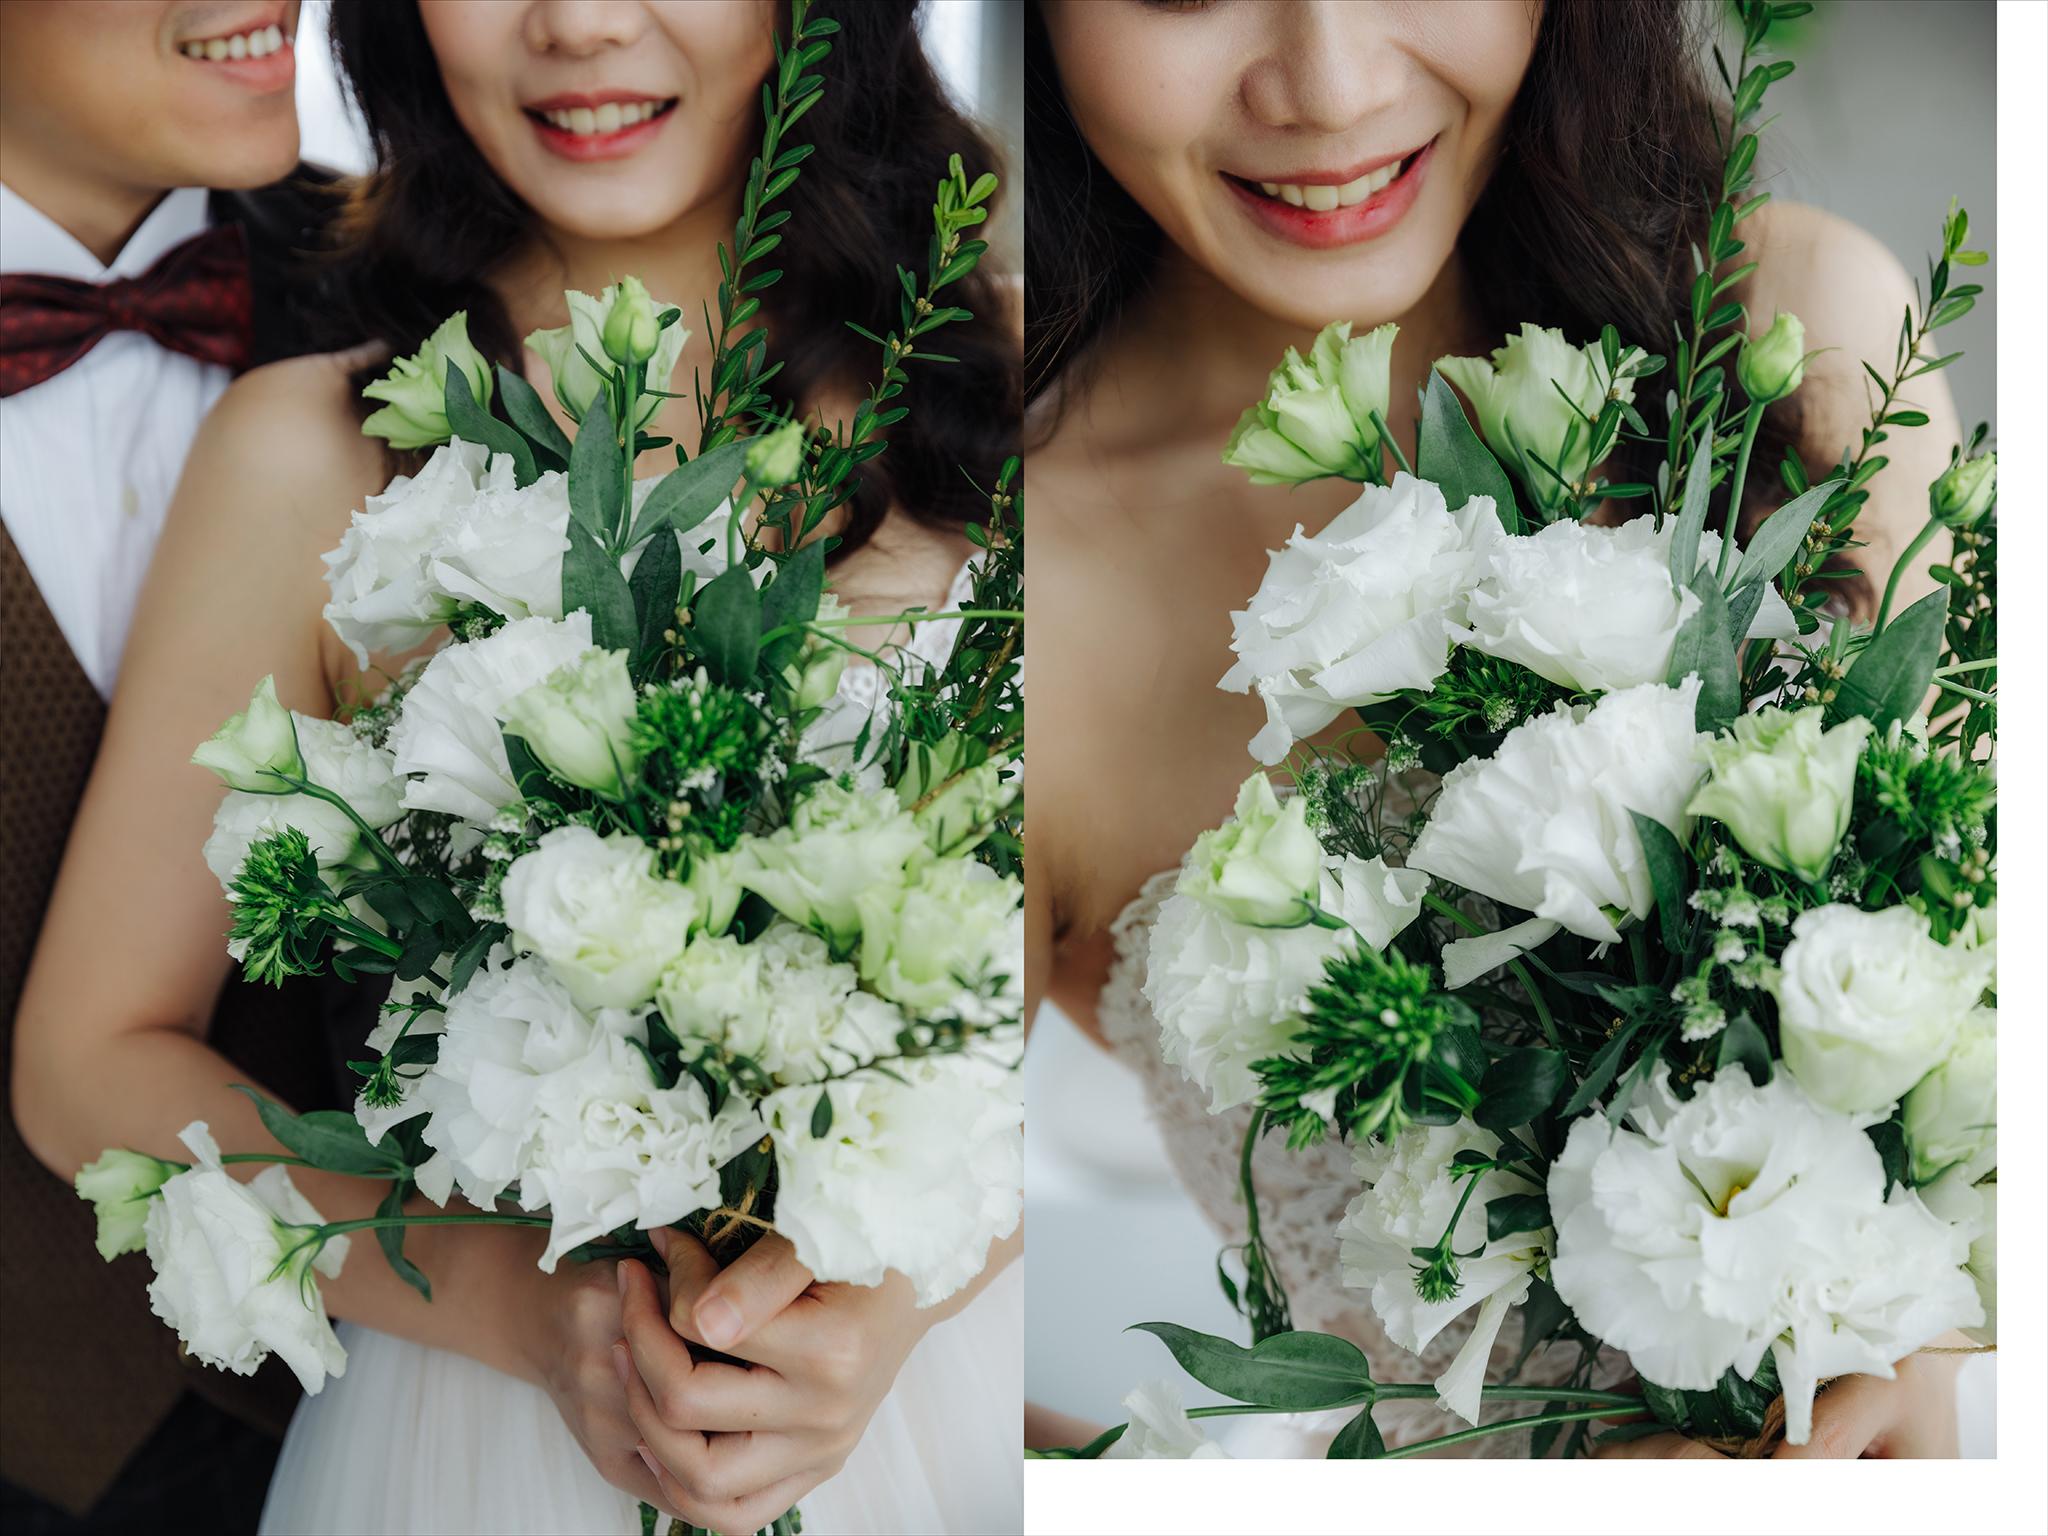 49937493246 3acf5580cc o - 【自助婚紗】+Hanna & CJ+